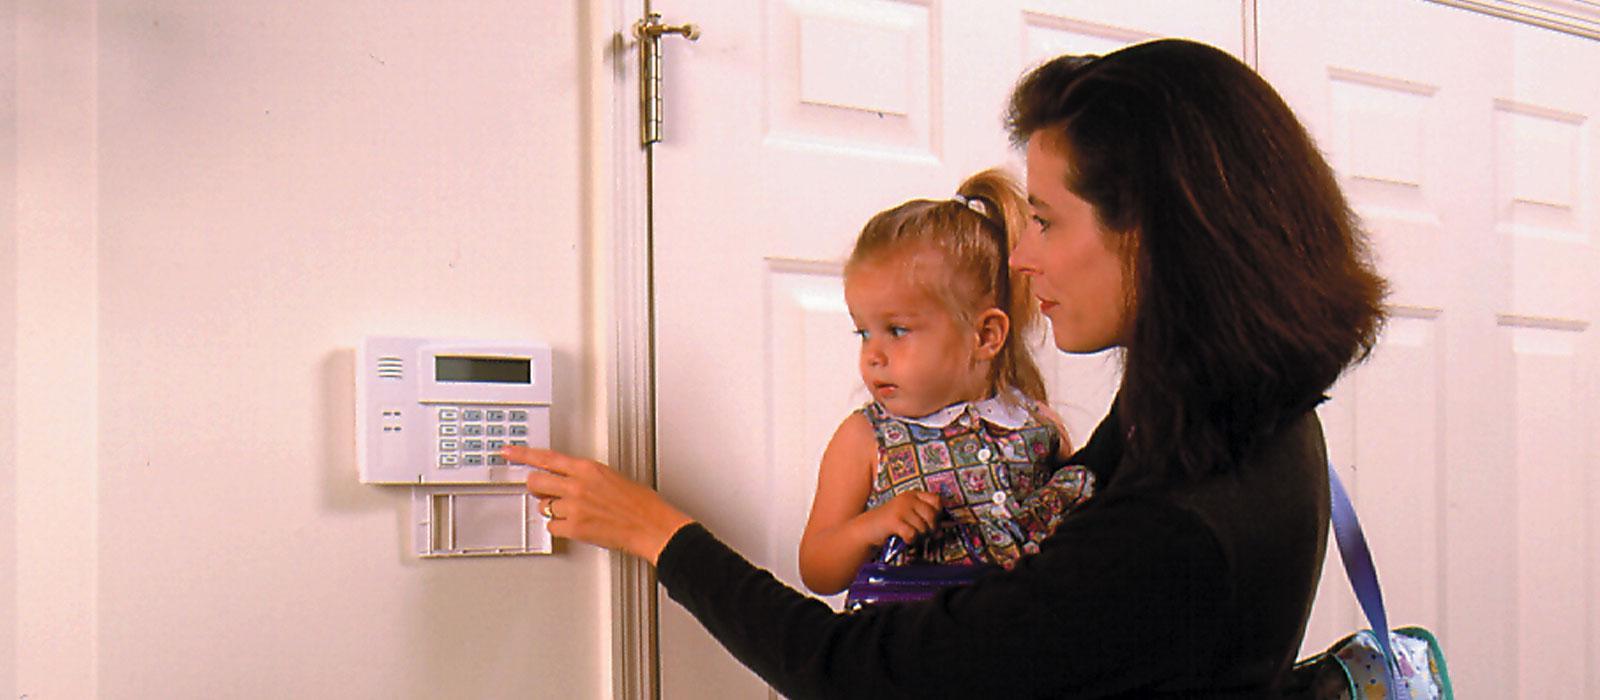 Охранная сигнализации в квартире своими руками